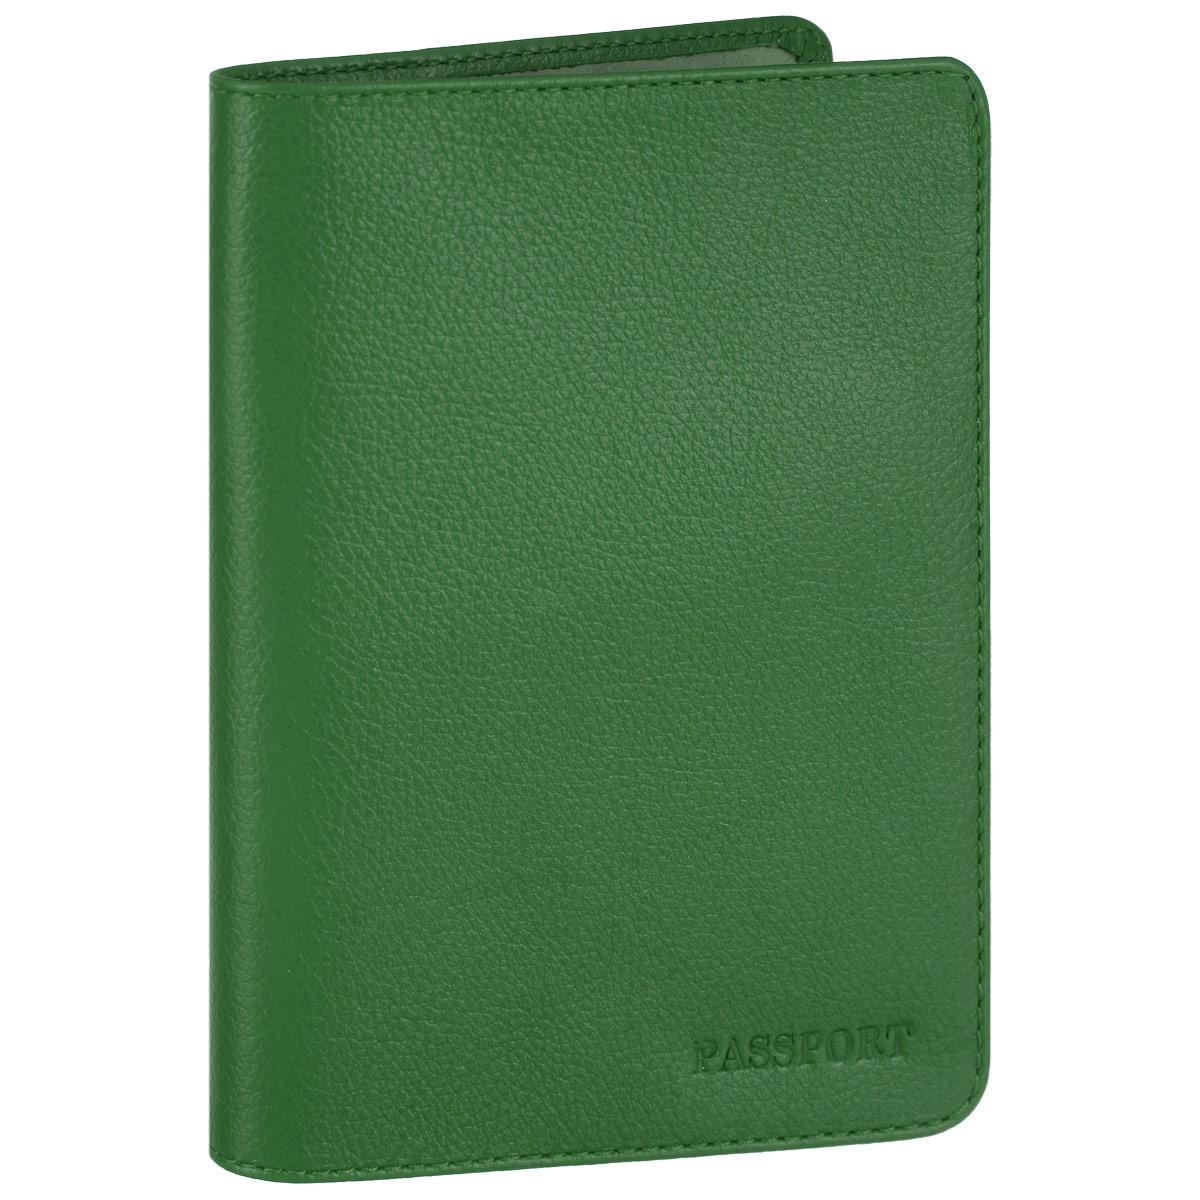 Обложка для паспорта Fabula, цвет: зеленый. O.53.FPНатуральная кожаСтильная обложка для паспорта Fabula выполнена из натуральной кожи с зернистой текстурой, оформлена надписью Passport. Обложка для паспорта раскладывается пополам, внутри расположены два пластиковых кармашка.Такая обложка для паспорта станет прекрасным и стильным подарком человеку, любящему оригинальные и практичные вещи.